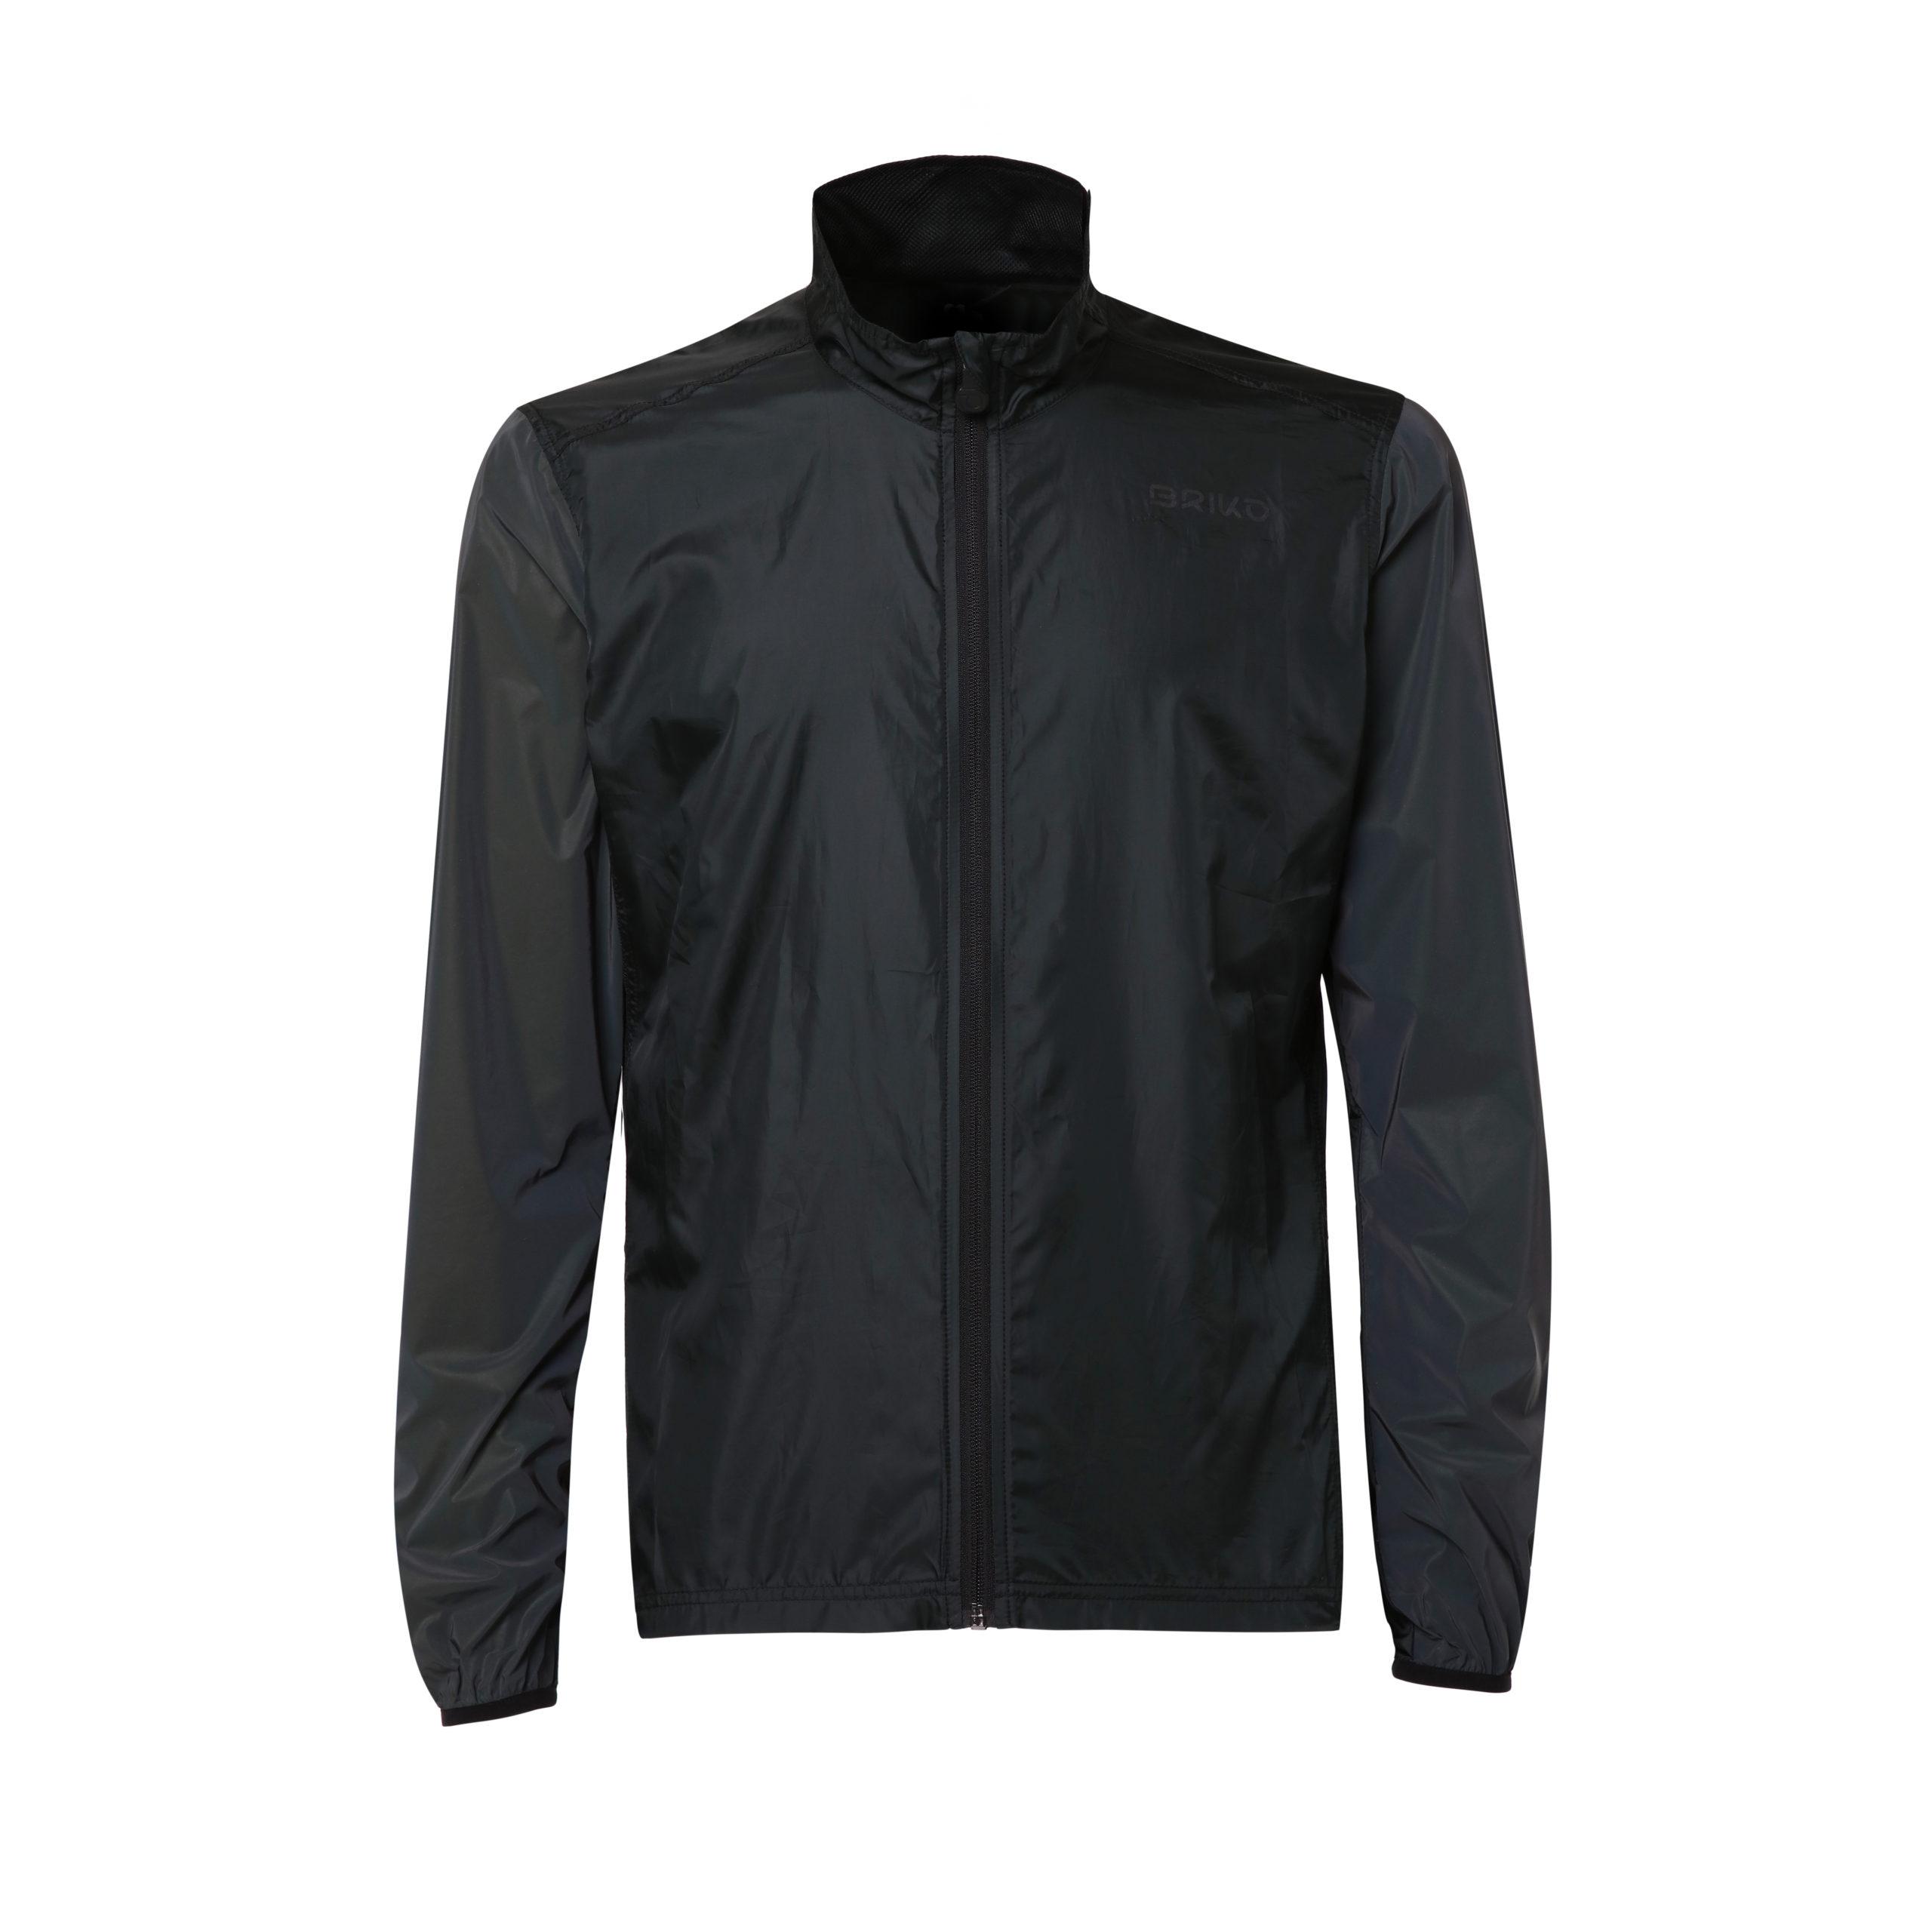 abbigliamento briko giacca 2021